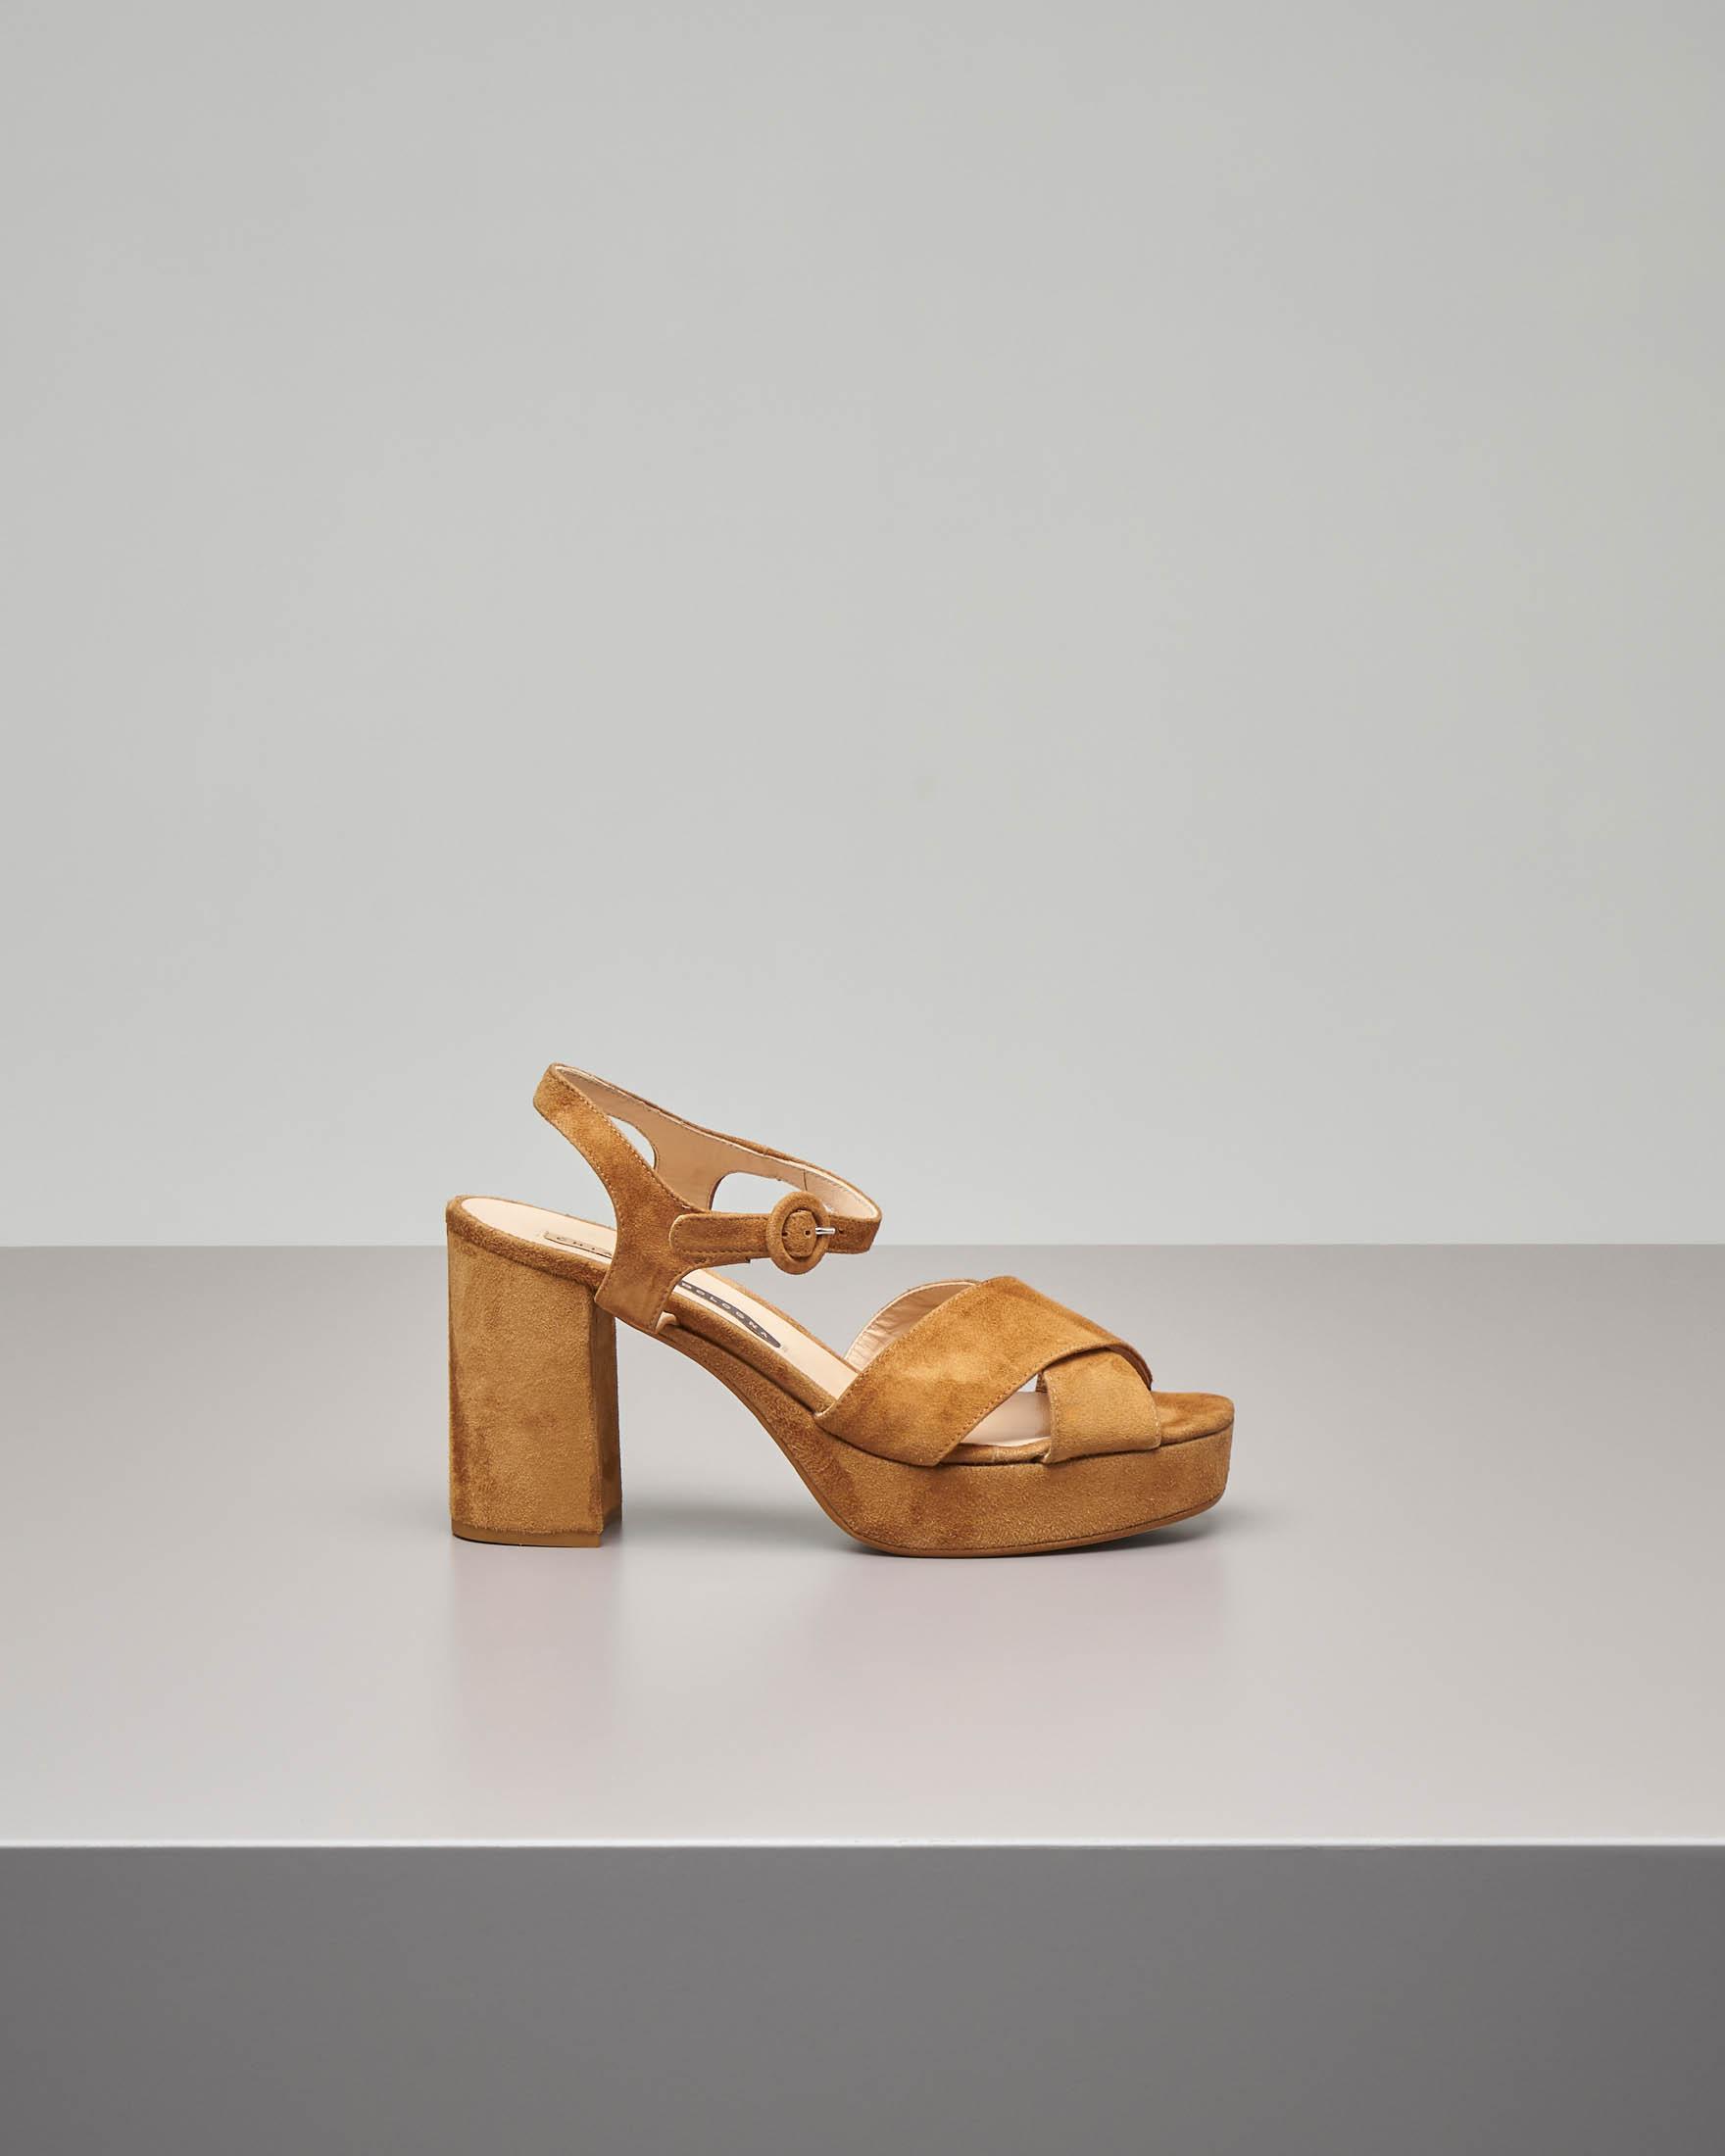 Sandalo plateau in camoscio color cuoio con cinturino alla caviglia e fascette incrociate